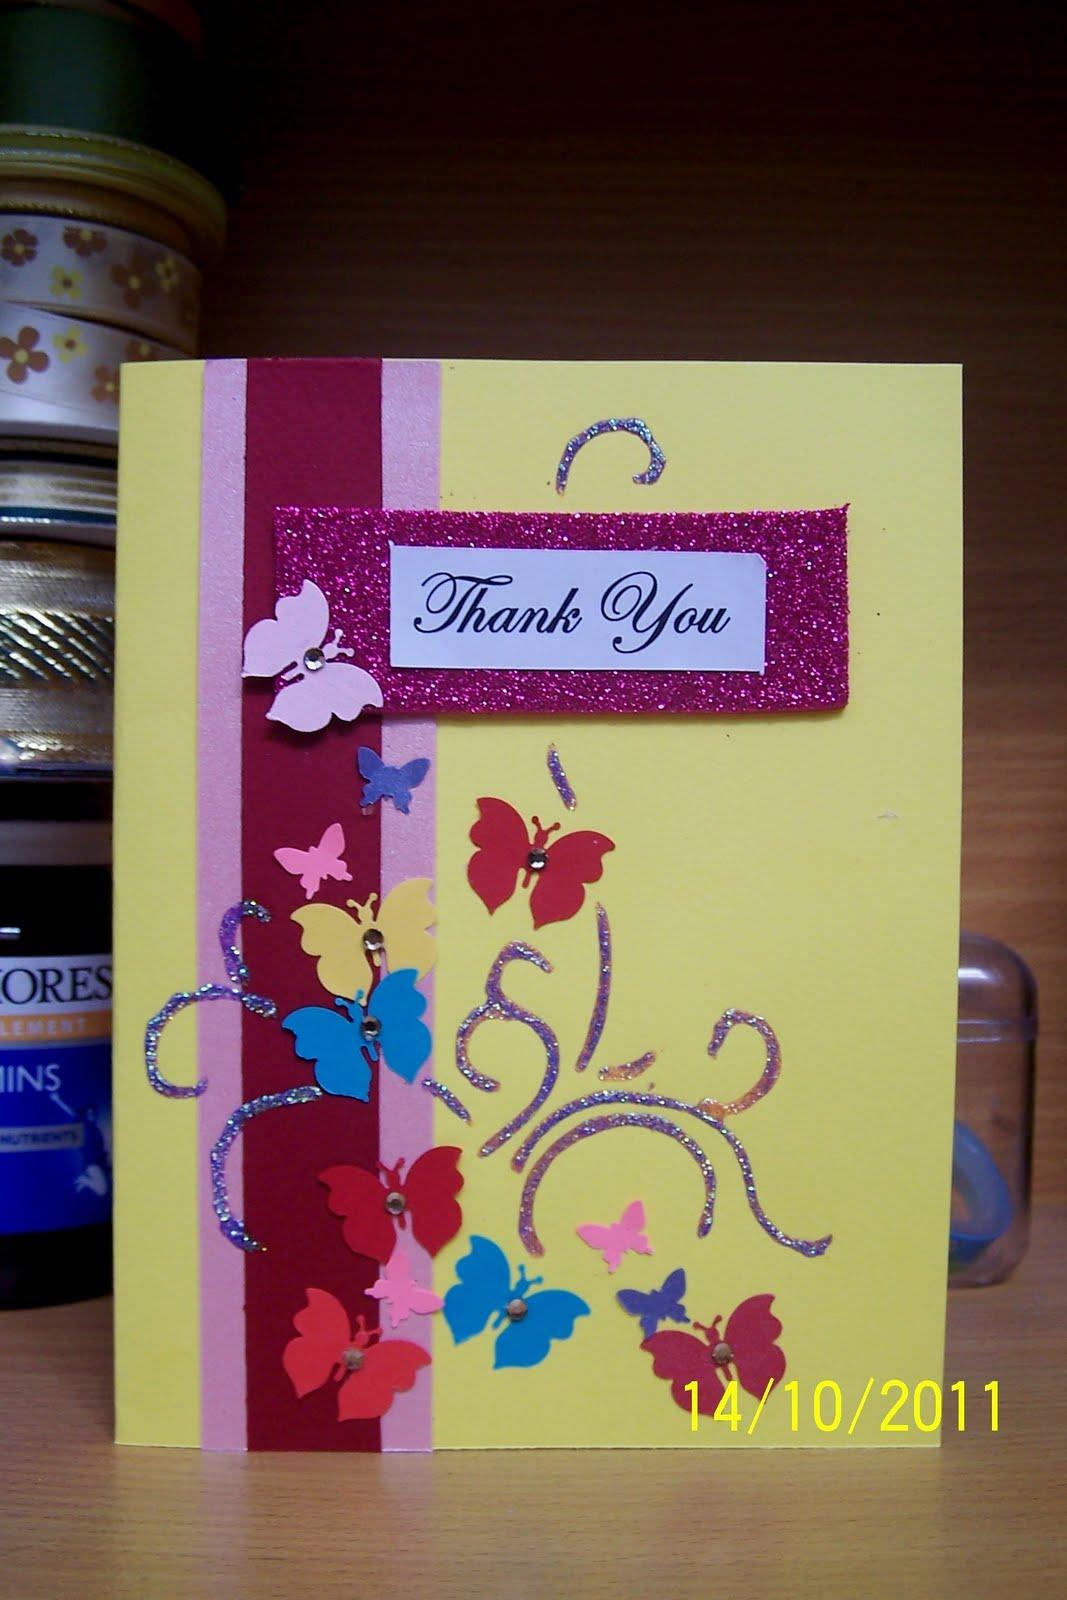 Elaine's Creative Cards: Thank